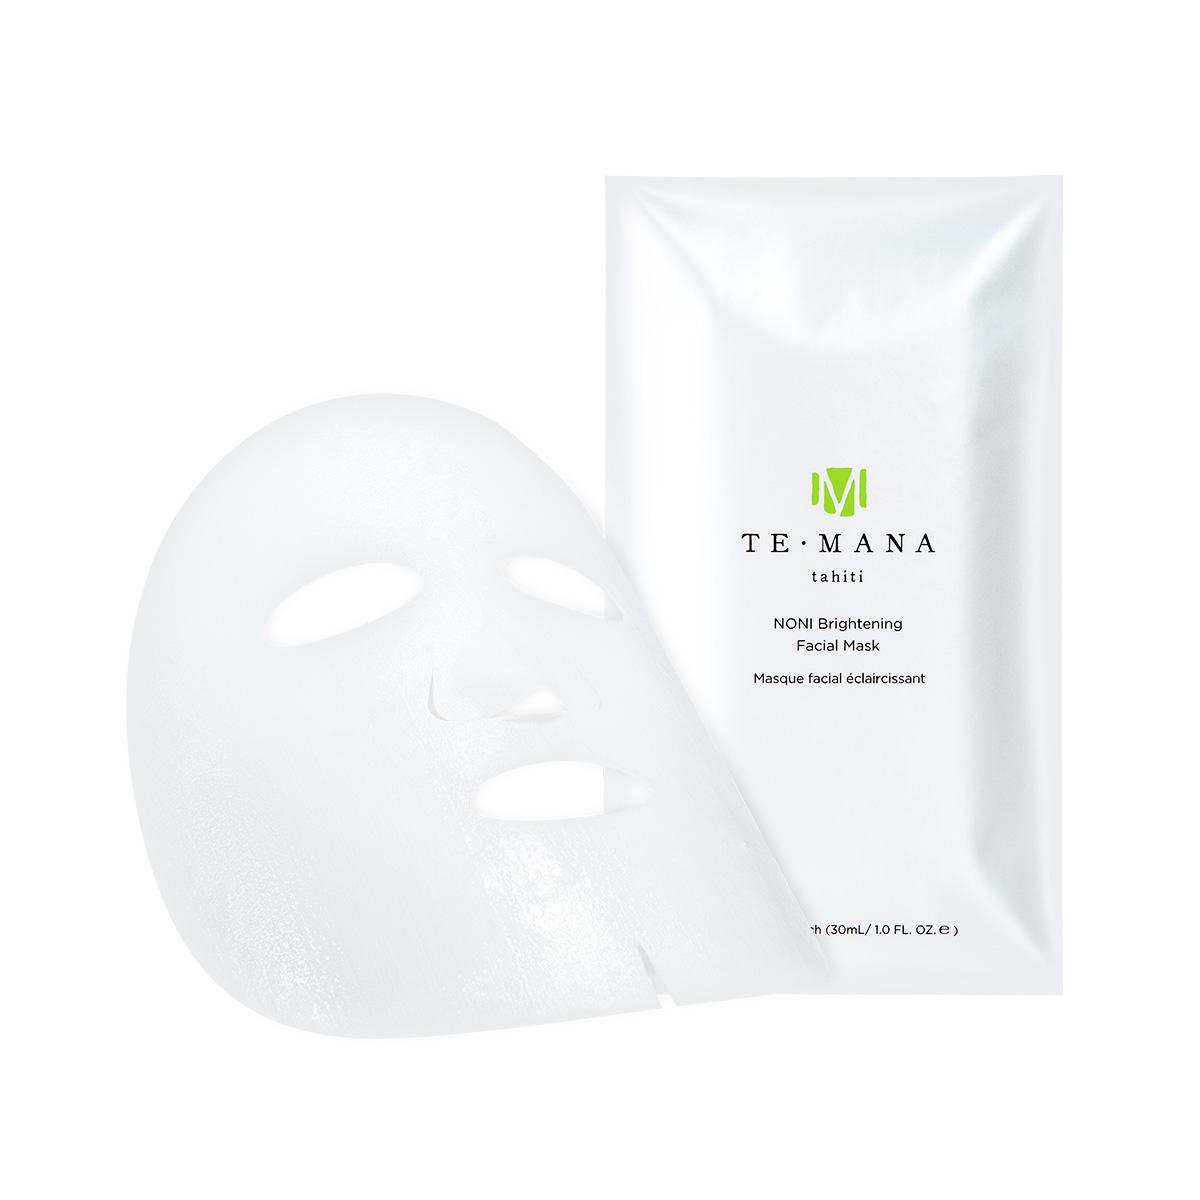 テマナ モリンダ ノニ ブライトニング フェイシャルマスク